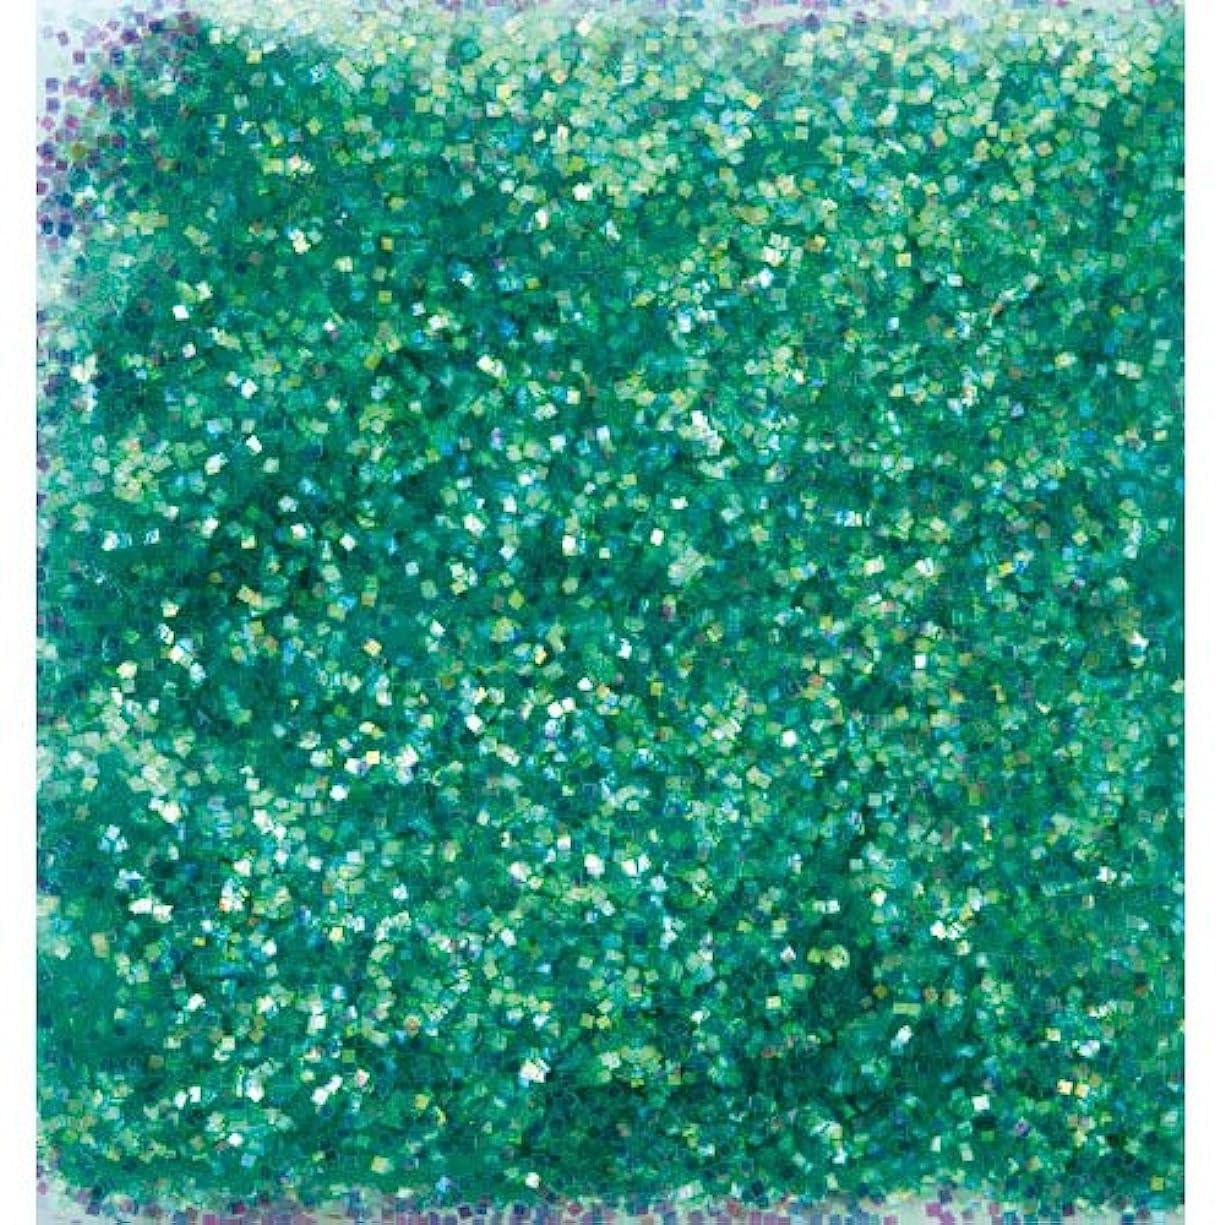 振りかける富鉱夫ピカエース ネイル用パウダー オーロラグリッター M #499 グリーン 1.5g